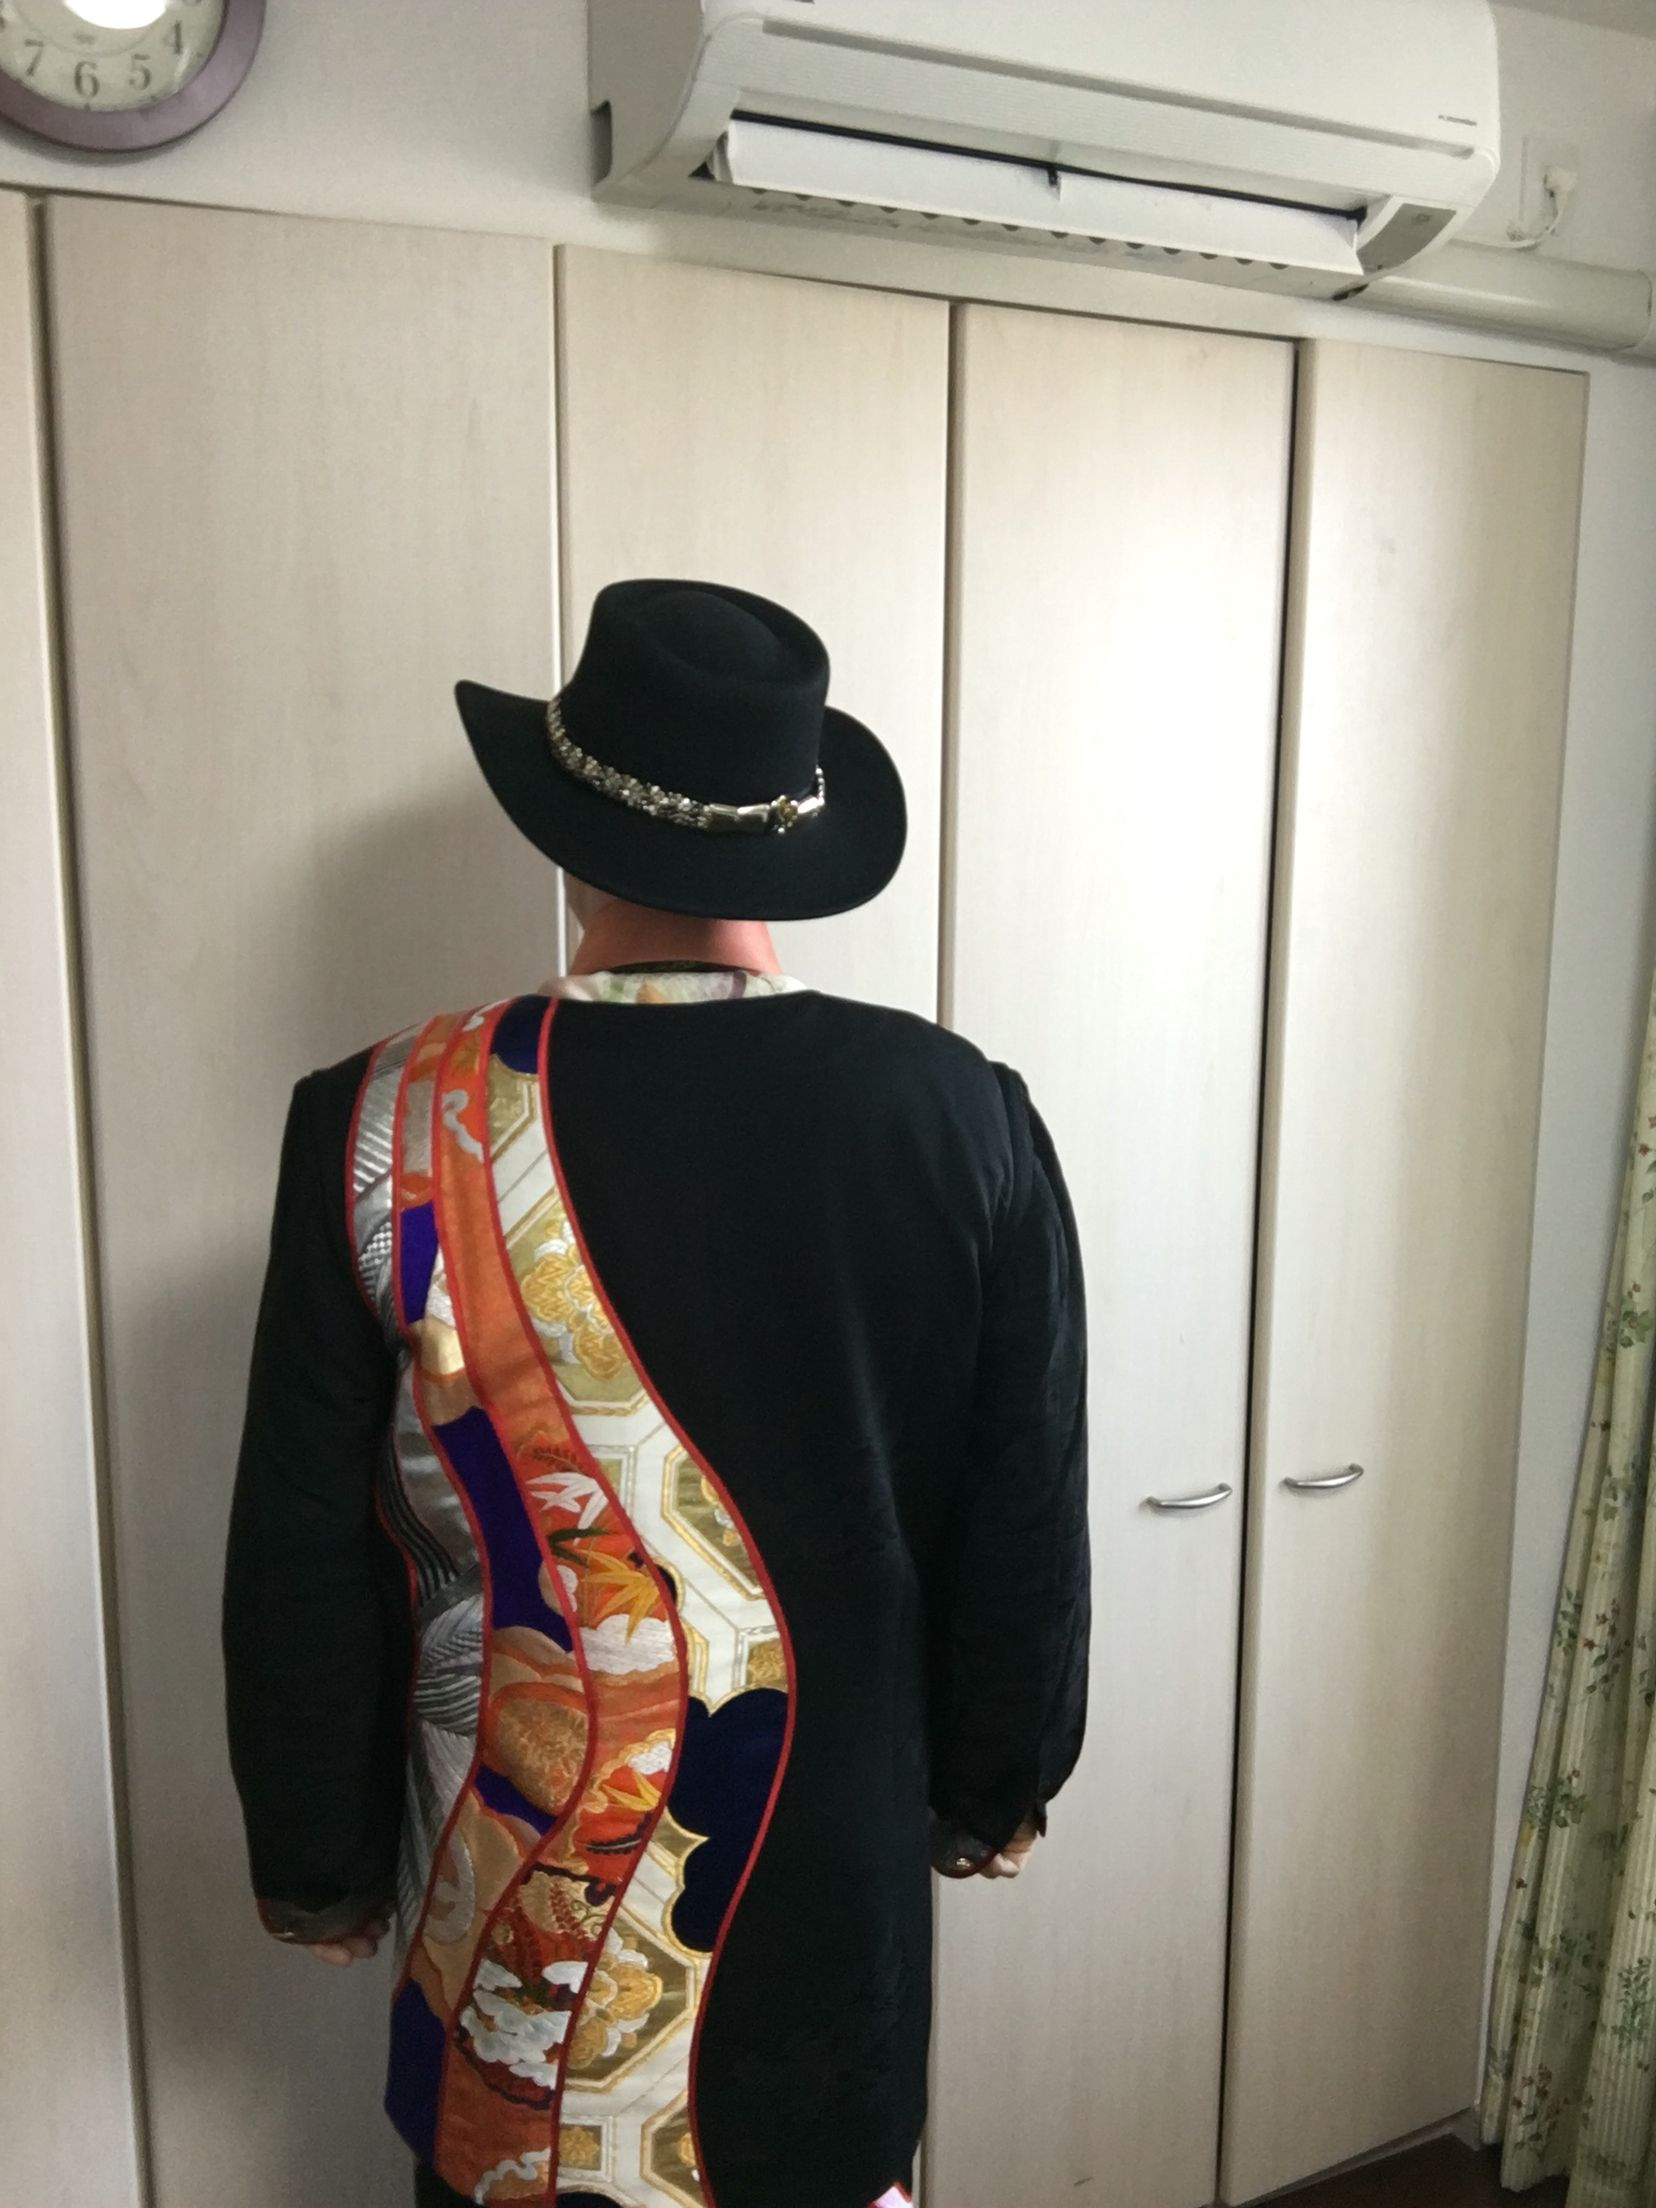 Style 5 back